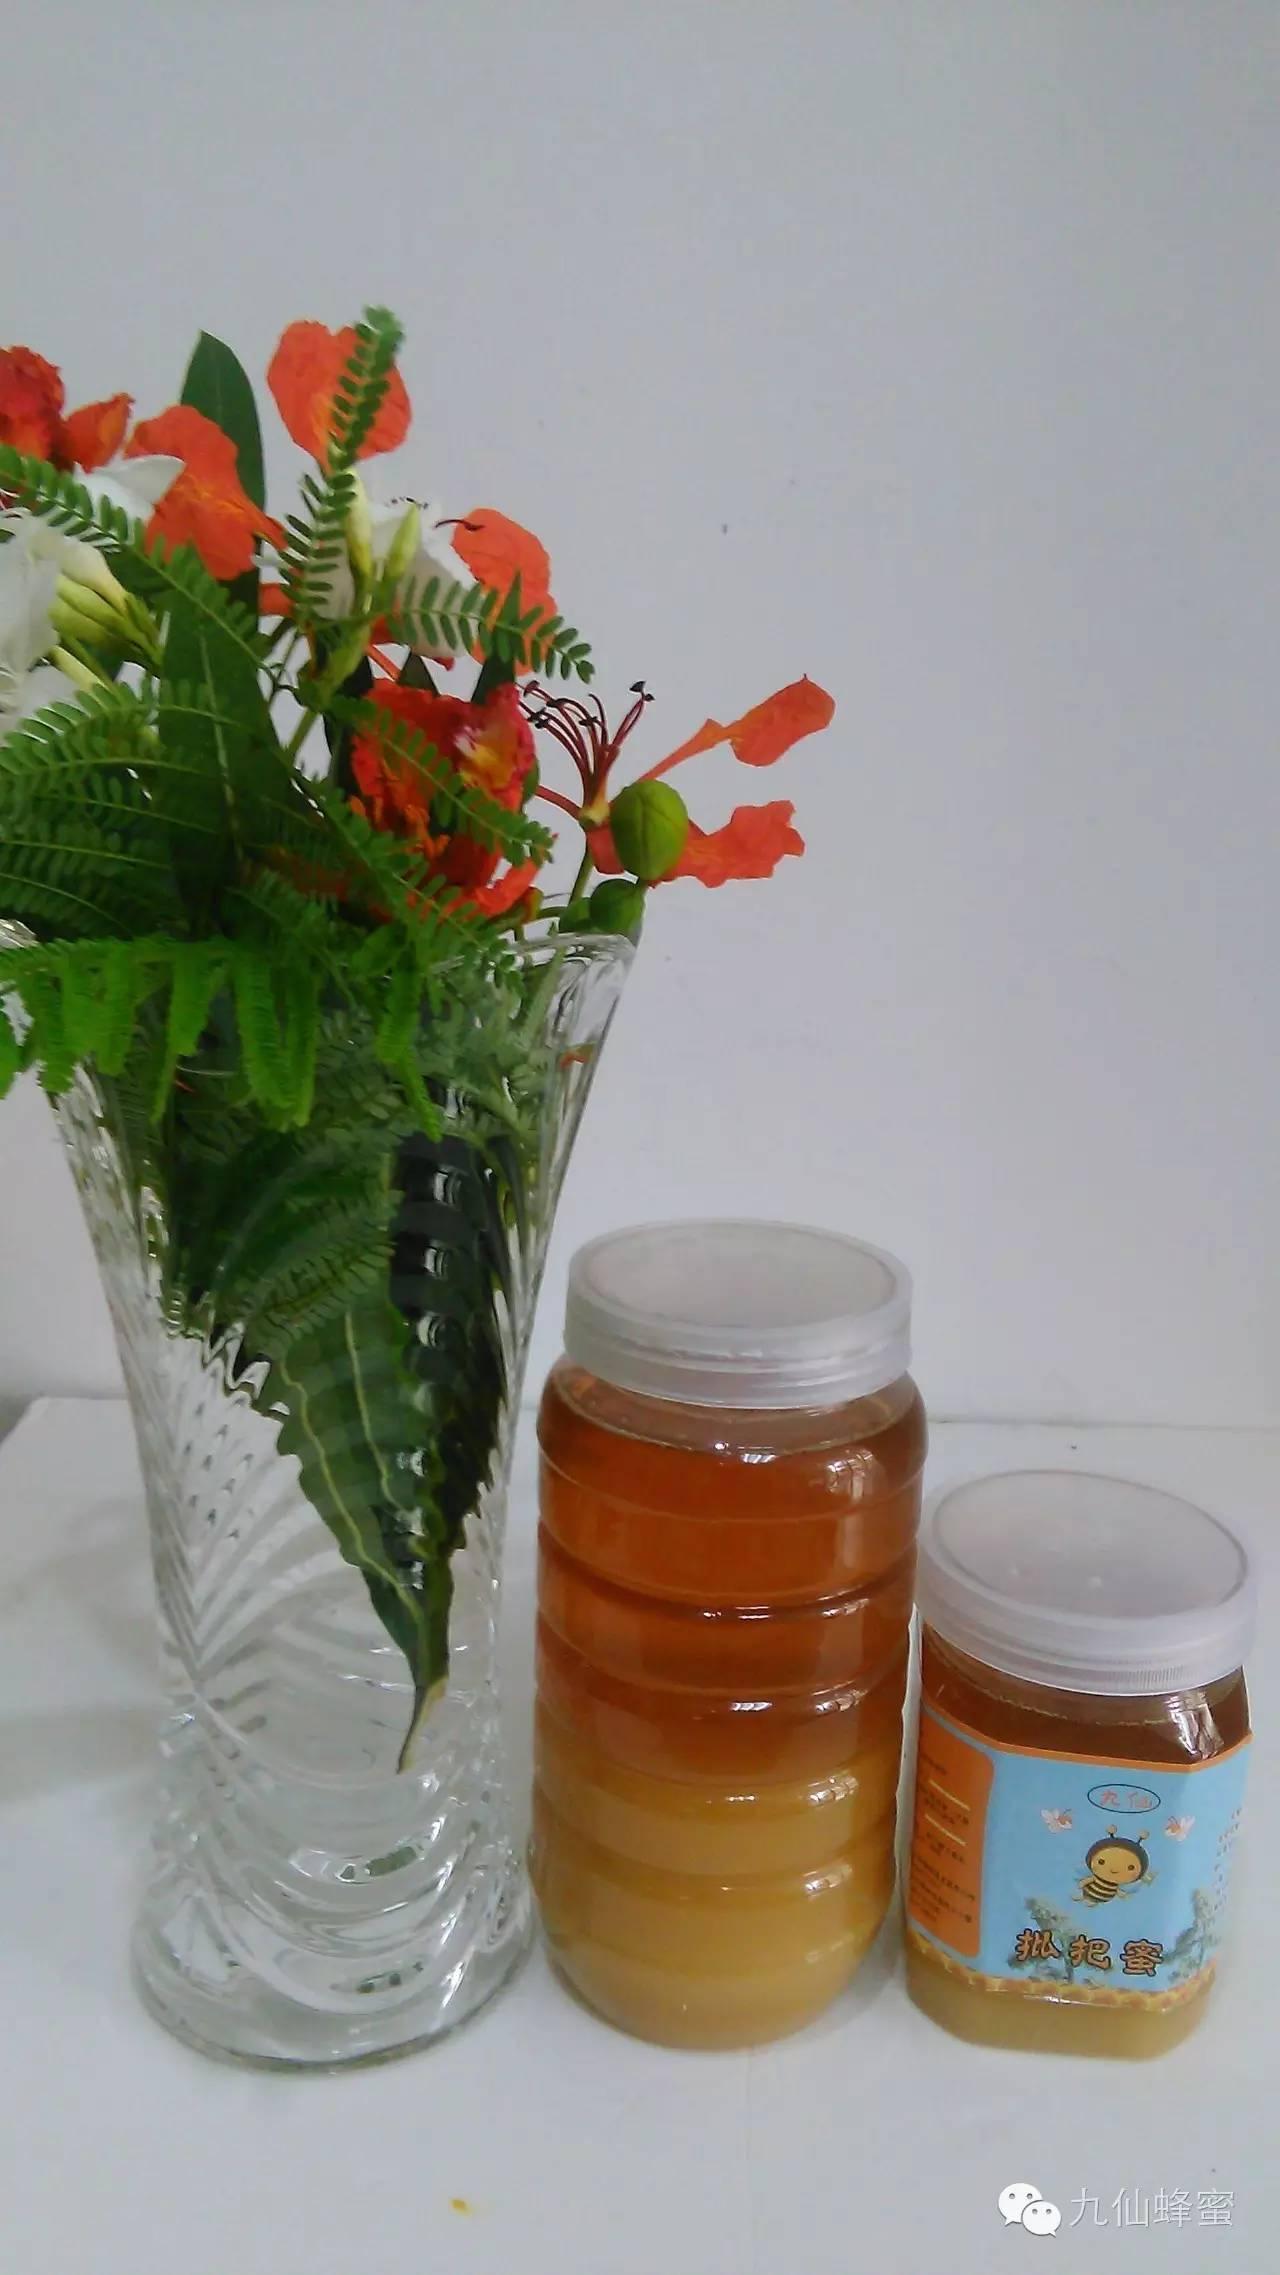 蛋清蜂蜜面膜 快讯 有毒 纯正土蜂蜜的价格 蜂蜜面膜功效